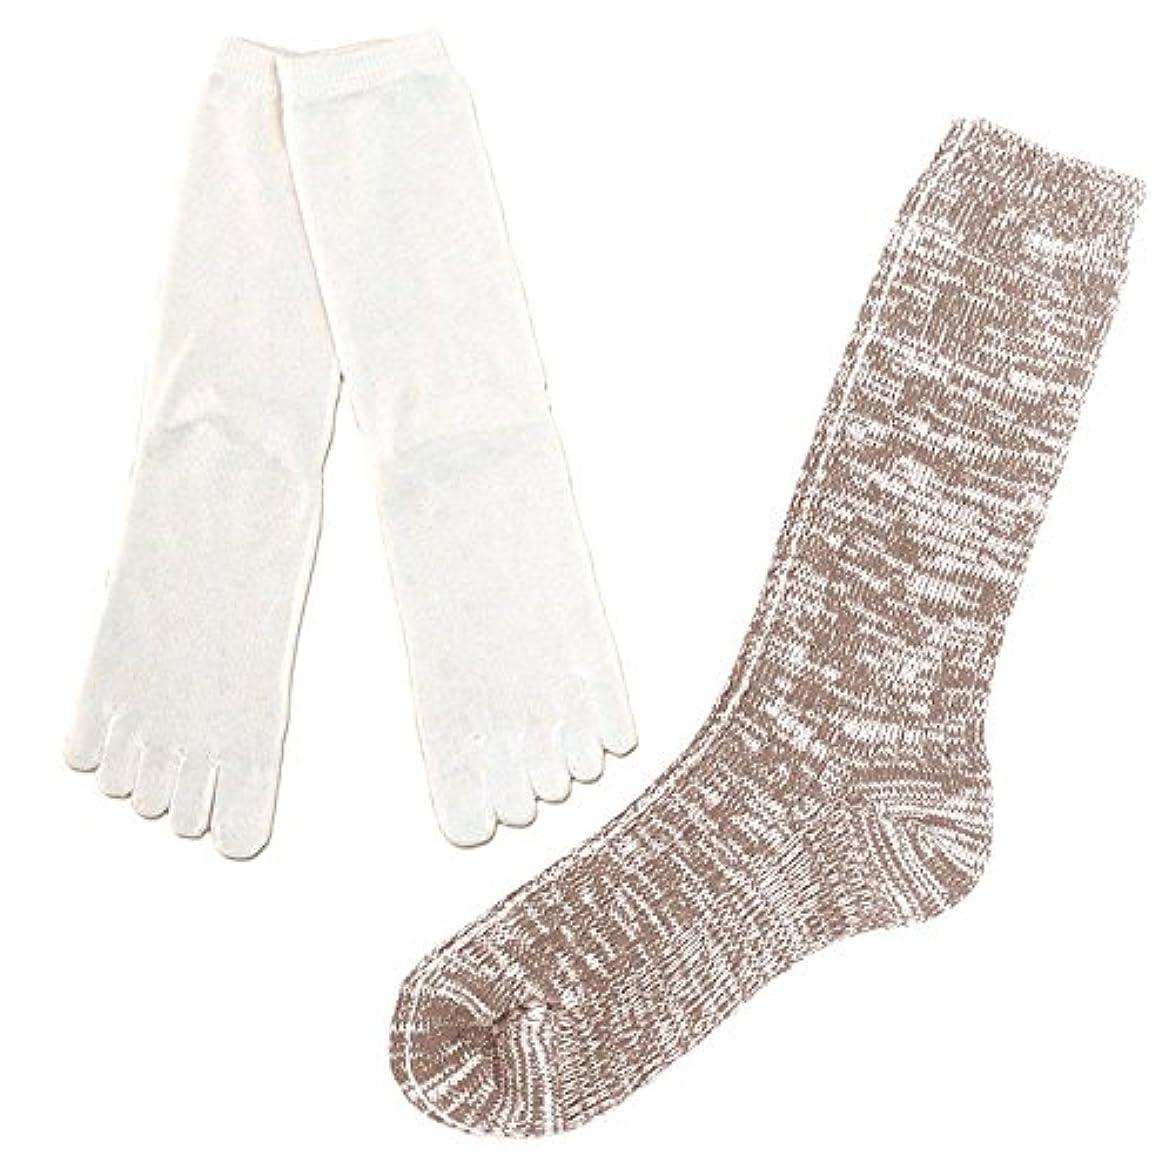 テーブル吸い込む部シルク 5本指 & コットン リブ ソックス 冷えとり 2足セット 重ね履き 靴下 日本製 23-25cm (ベージュ杢)